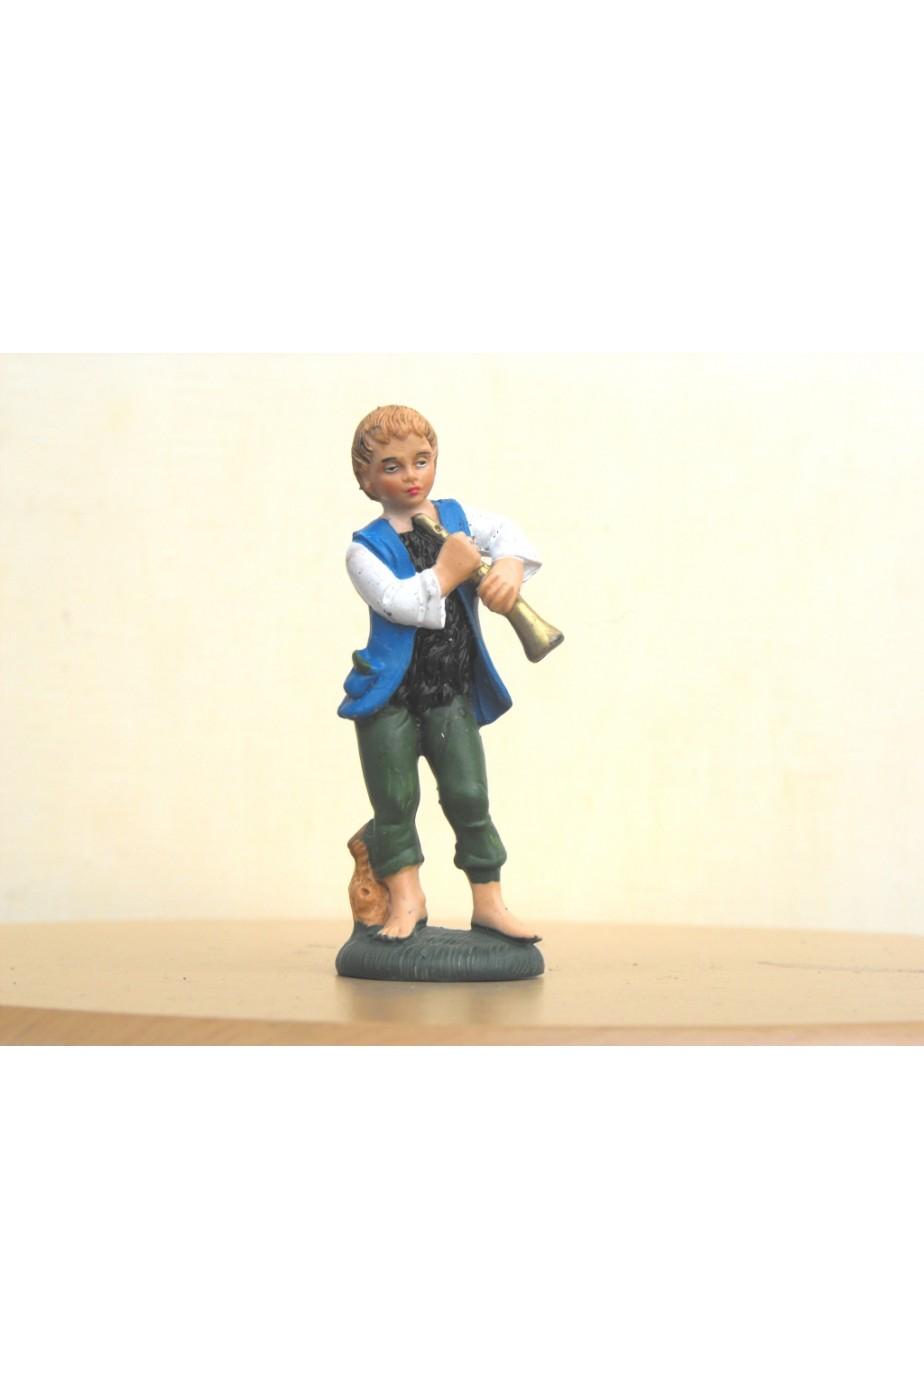 Figurina Presepe in plastica (cm 7 o 10 s.q.) Zampognaro con gilet azzurro